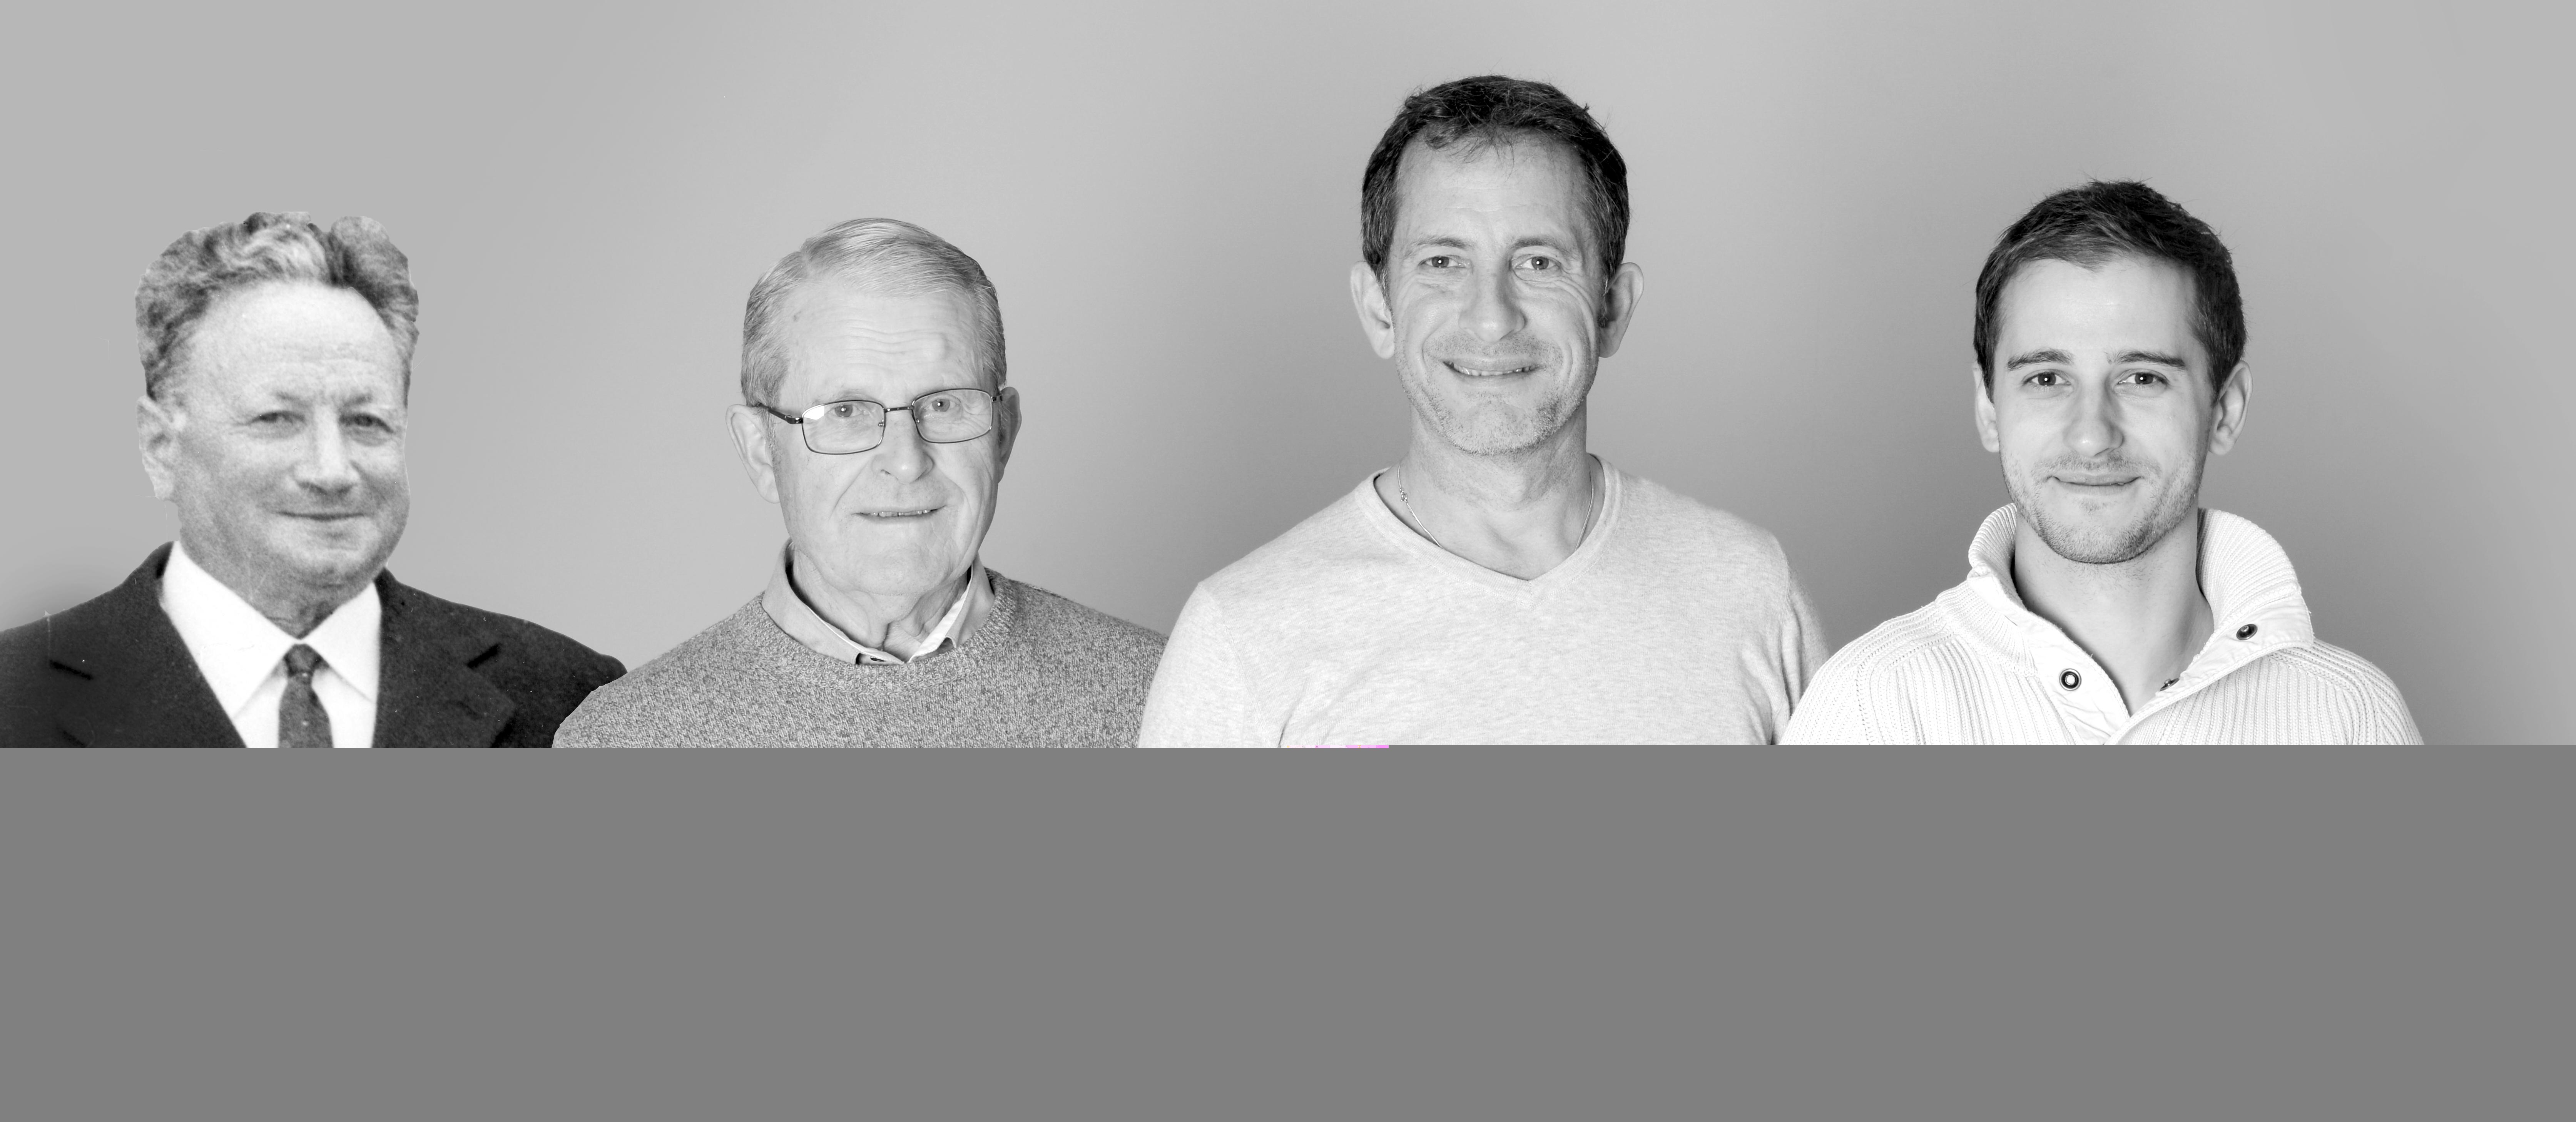 La famille Darrieumerlou, charpentiers depuis plus de 3 générations